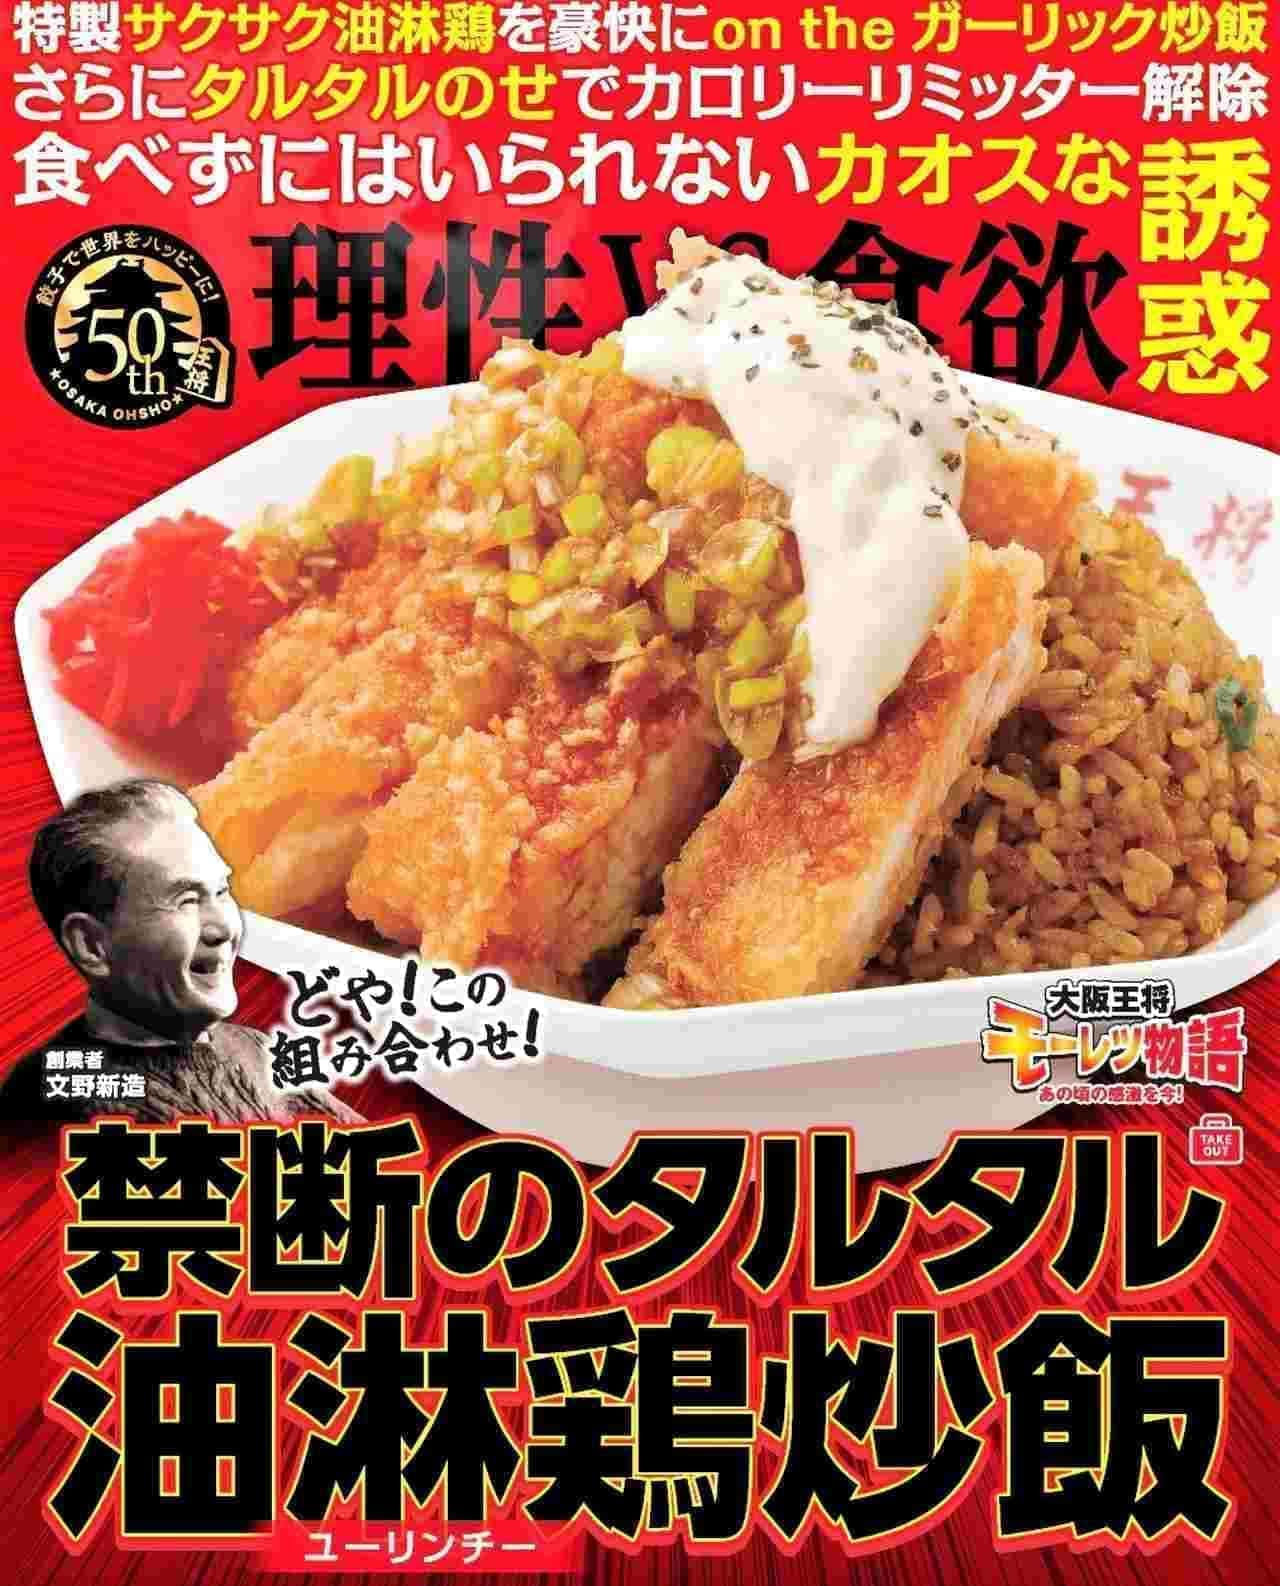 餃子王将「禁断のタルタル油淋鶏炒飯」